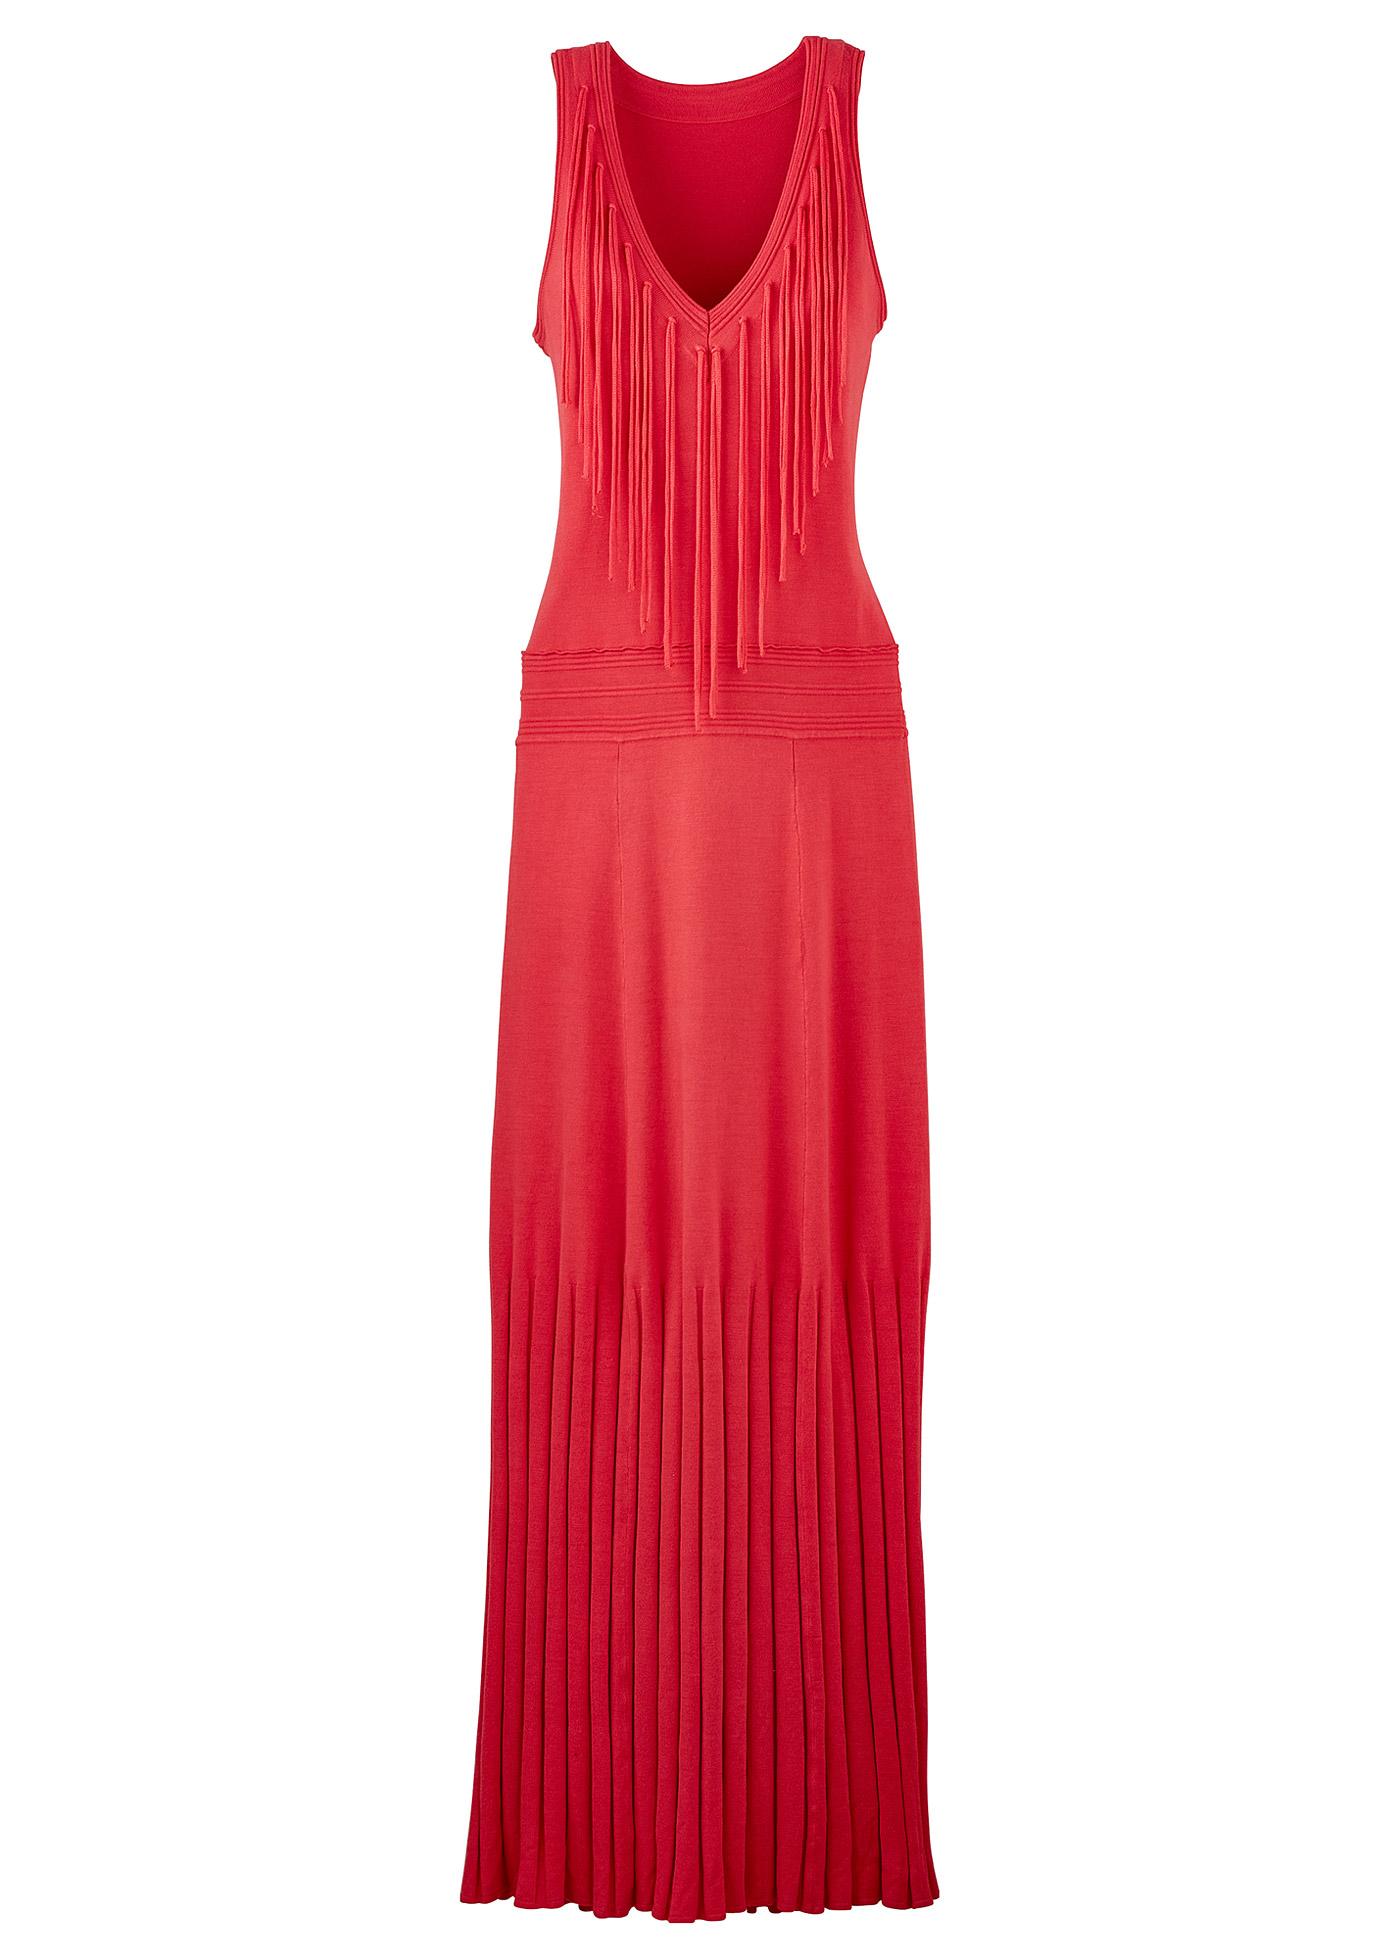 Kleid ohne Ärmel  in rot von bonprix Damenmode > Damenbekleidung > Kleider > Trägerkleider lang